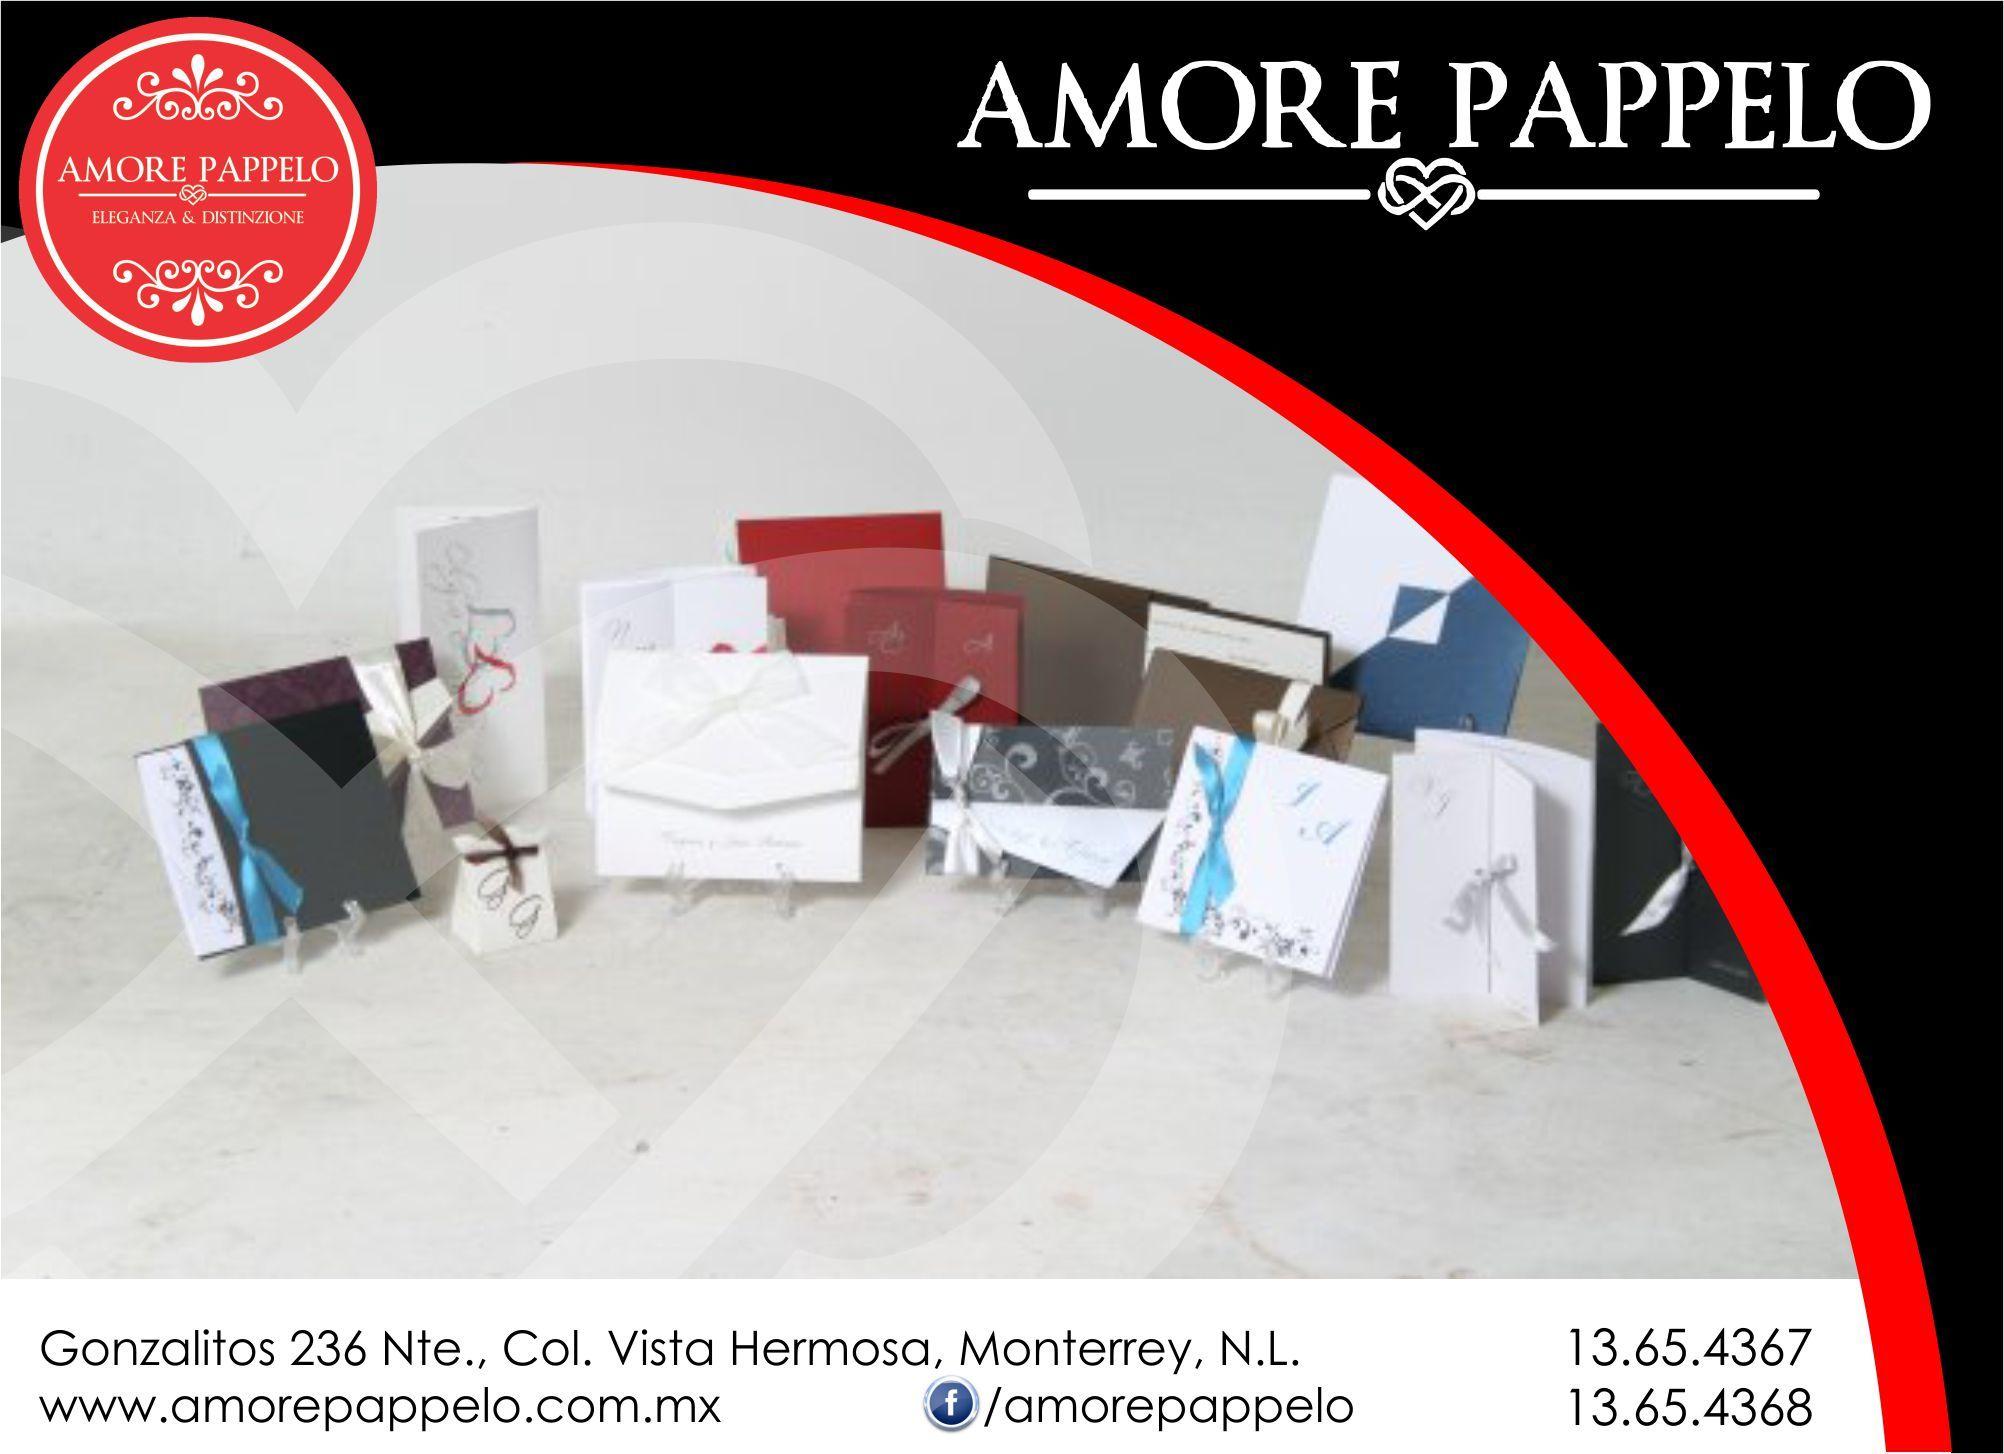 Invitaciones Amore Pappelo